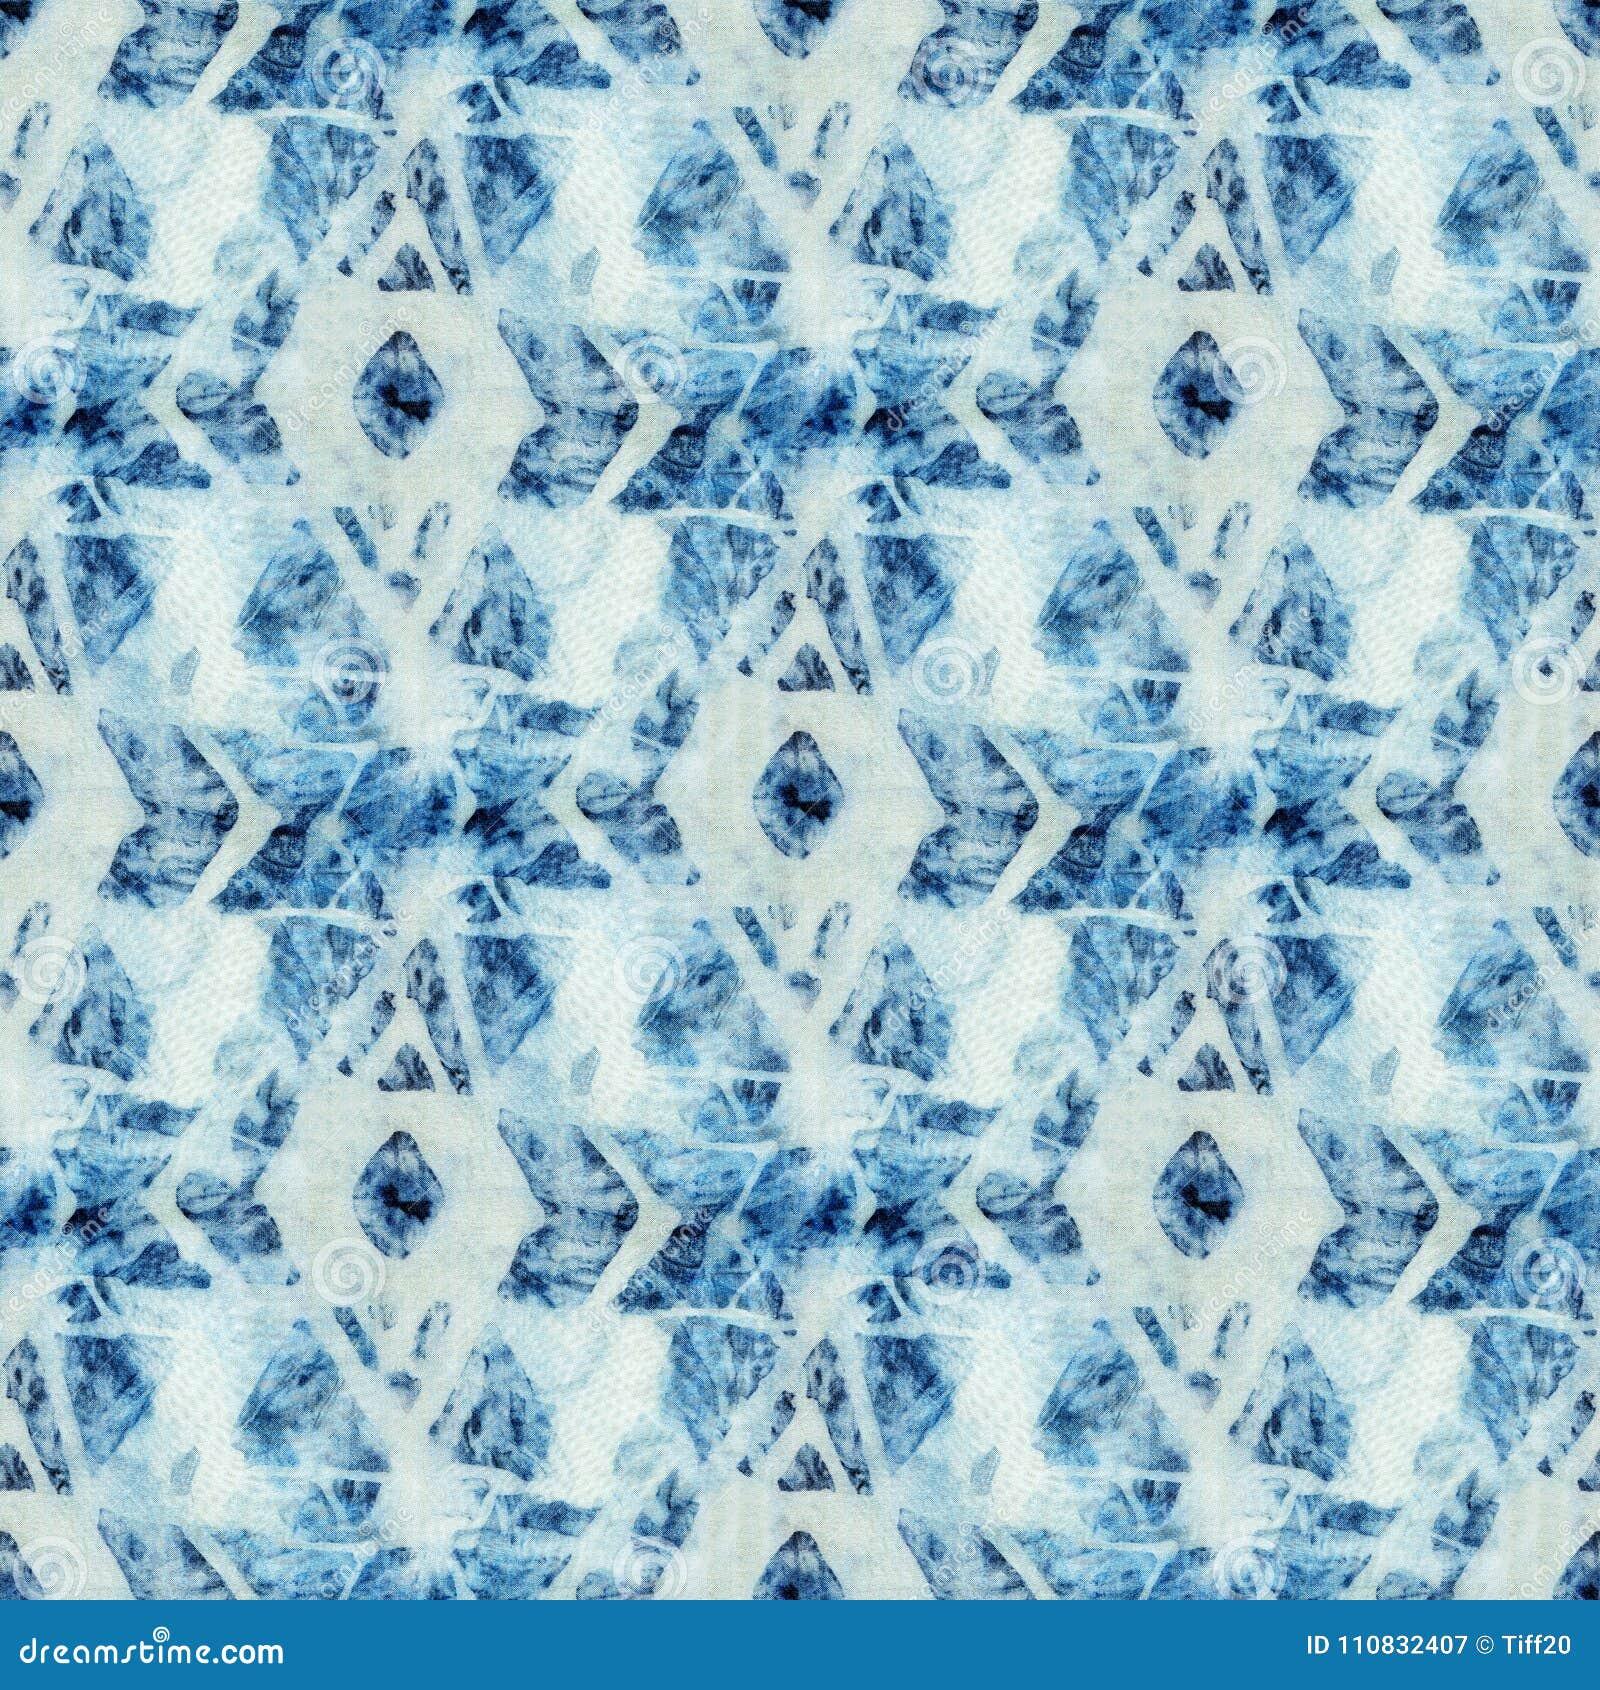 Seamless Tie-dye Pattern Of Indigo Color On White Silk Stock